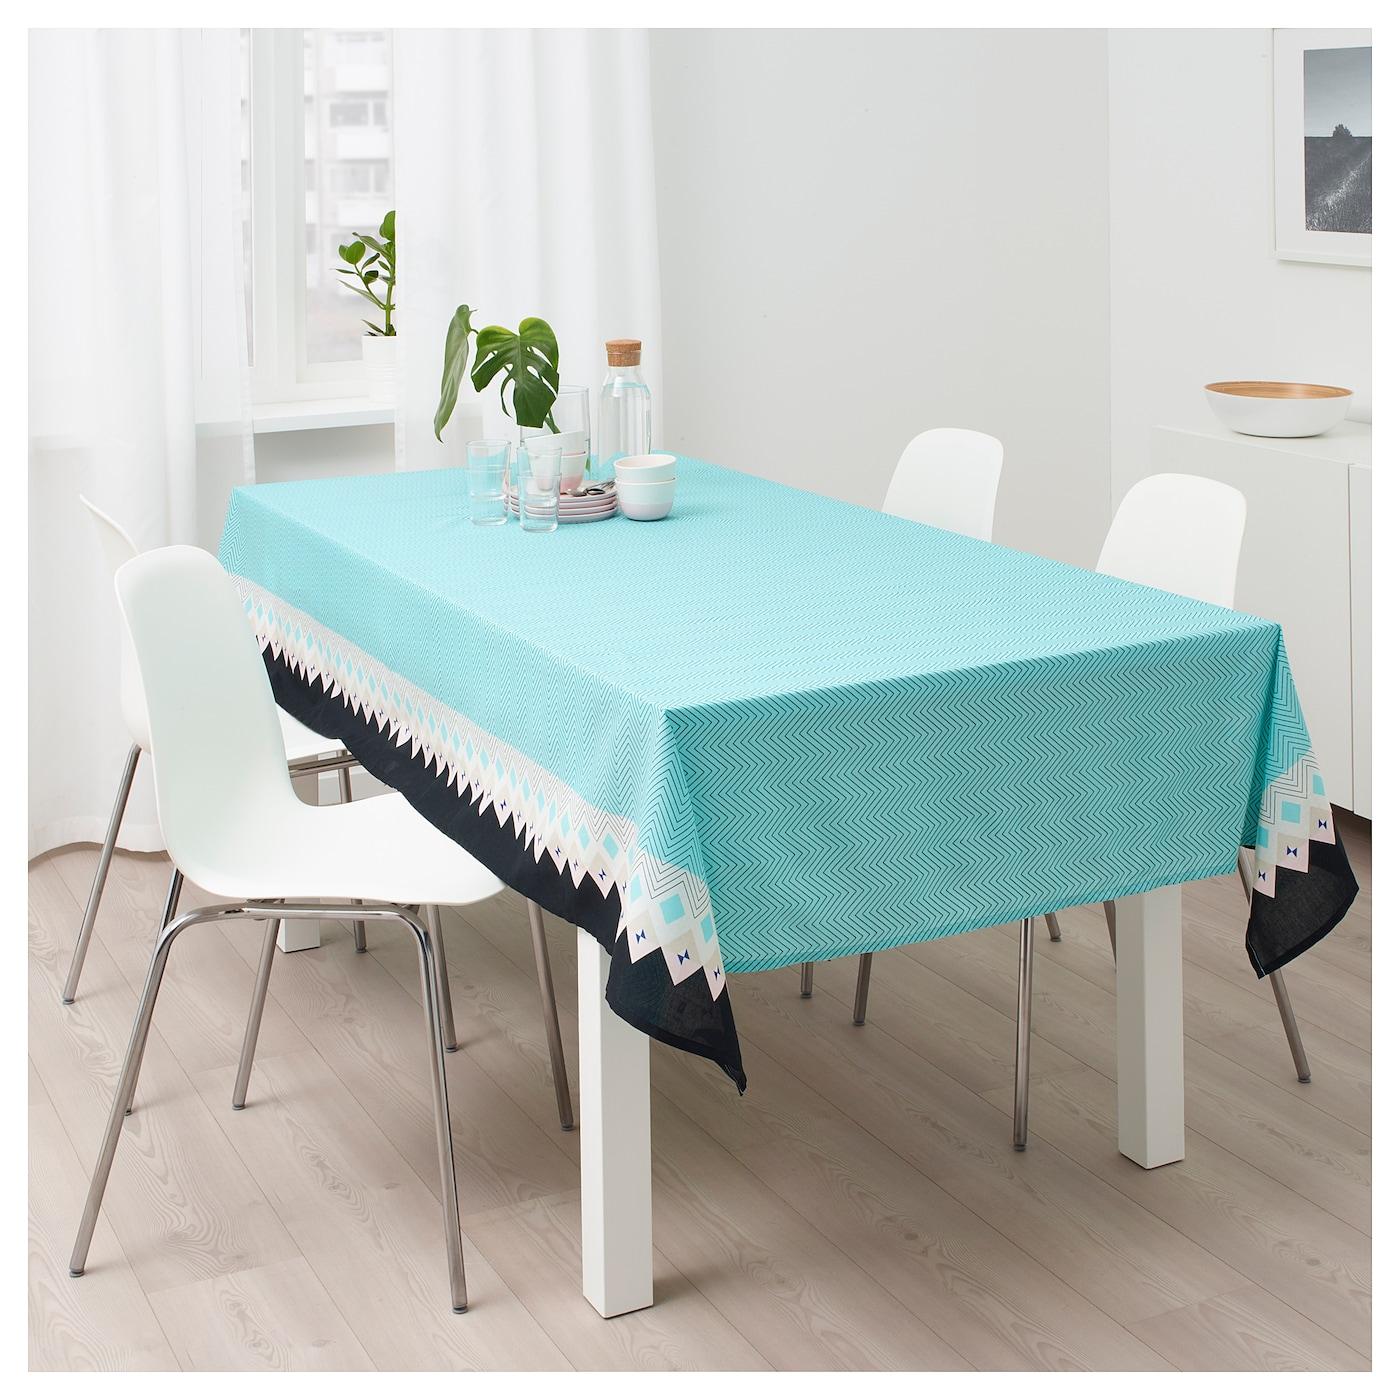 sommar 2018 tafellaken turkoois met een patroon 145 x 240 cm ikea. Black Bedroom Furniture Sets. Home Design Ideas